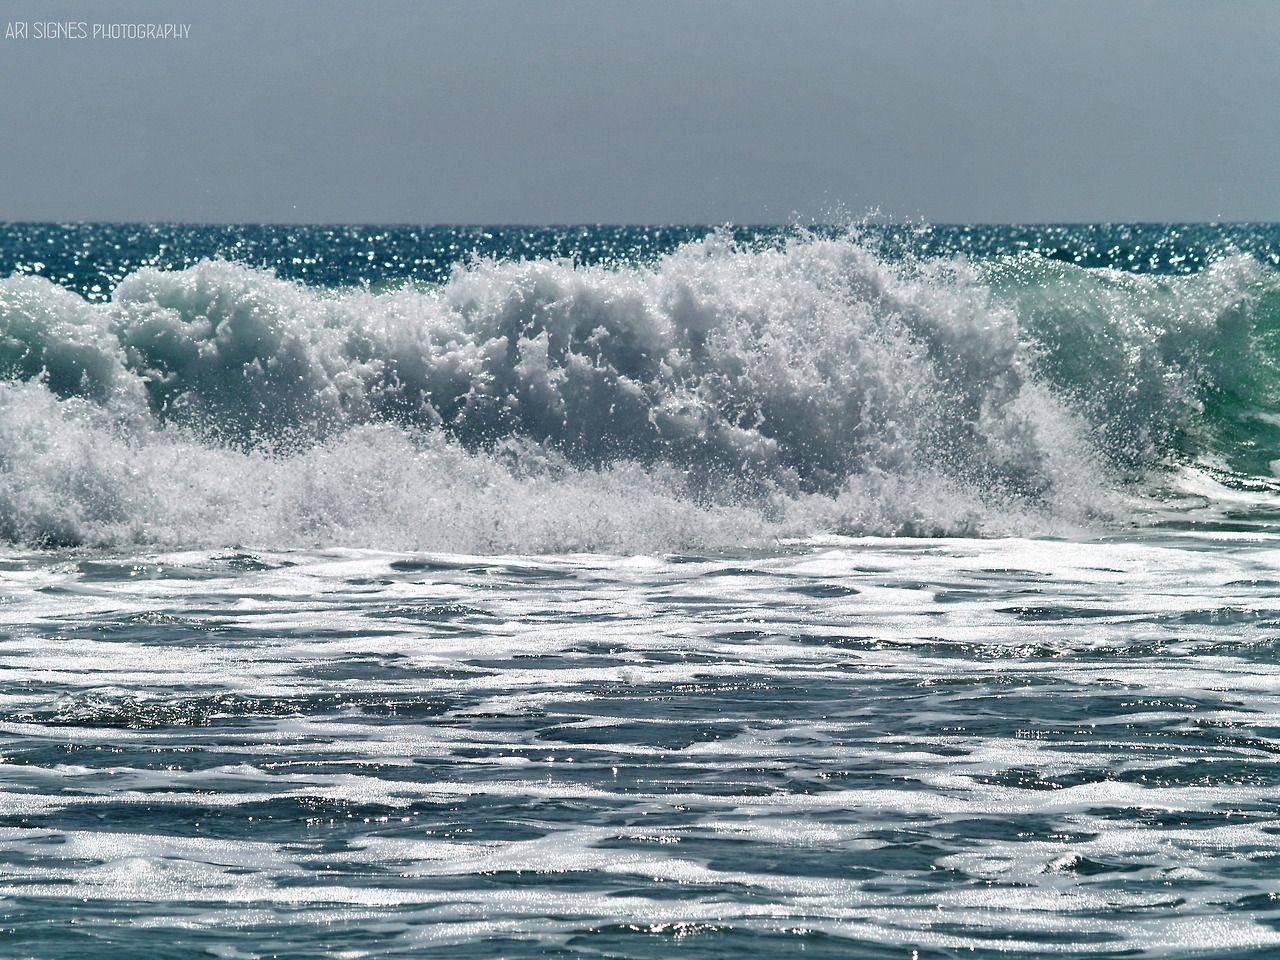 #mediterranean #seascape